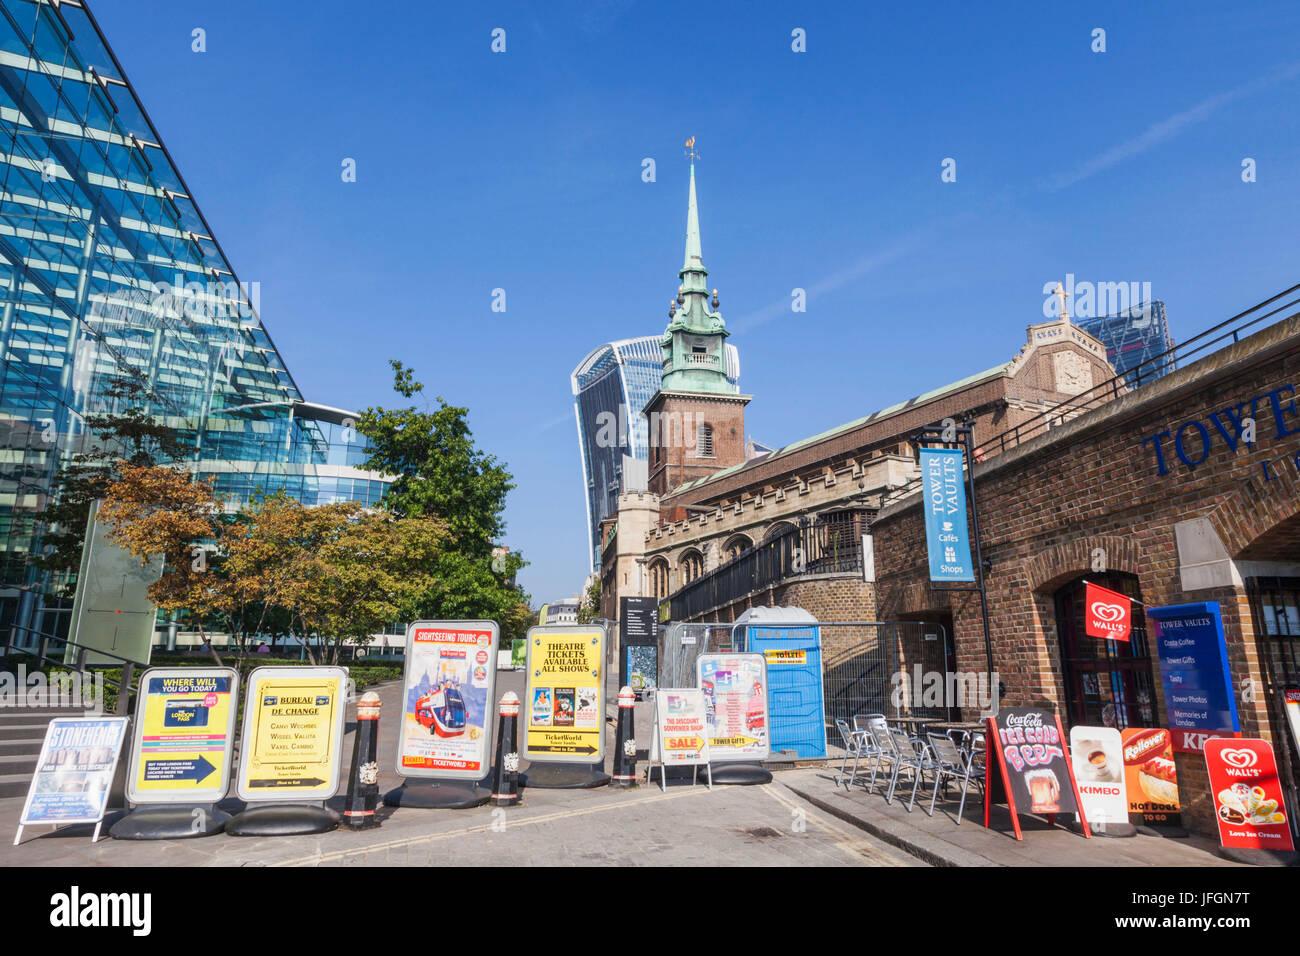 Inghilterra, Londra, cartelloni pubblicitari bloccando il sentiero Immagini Stock